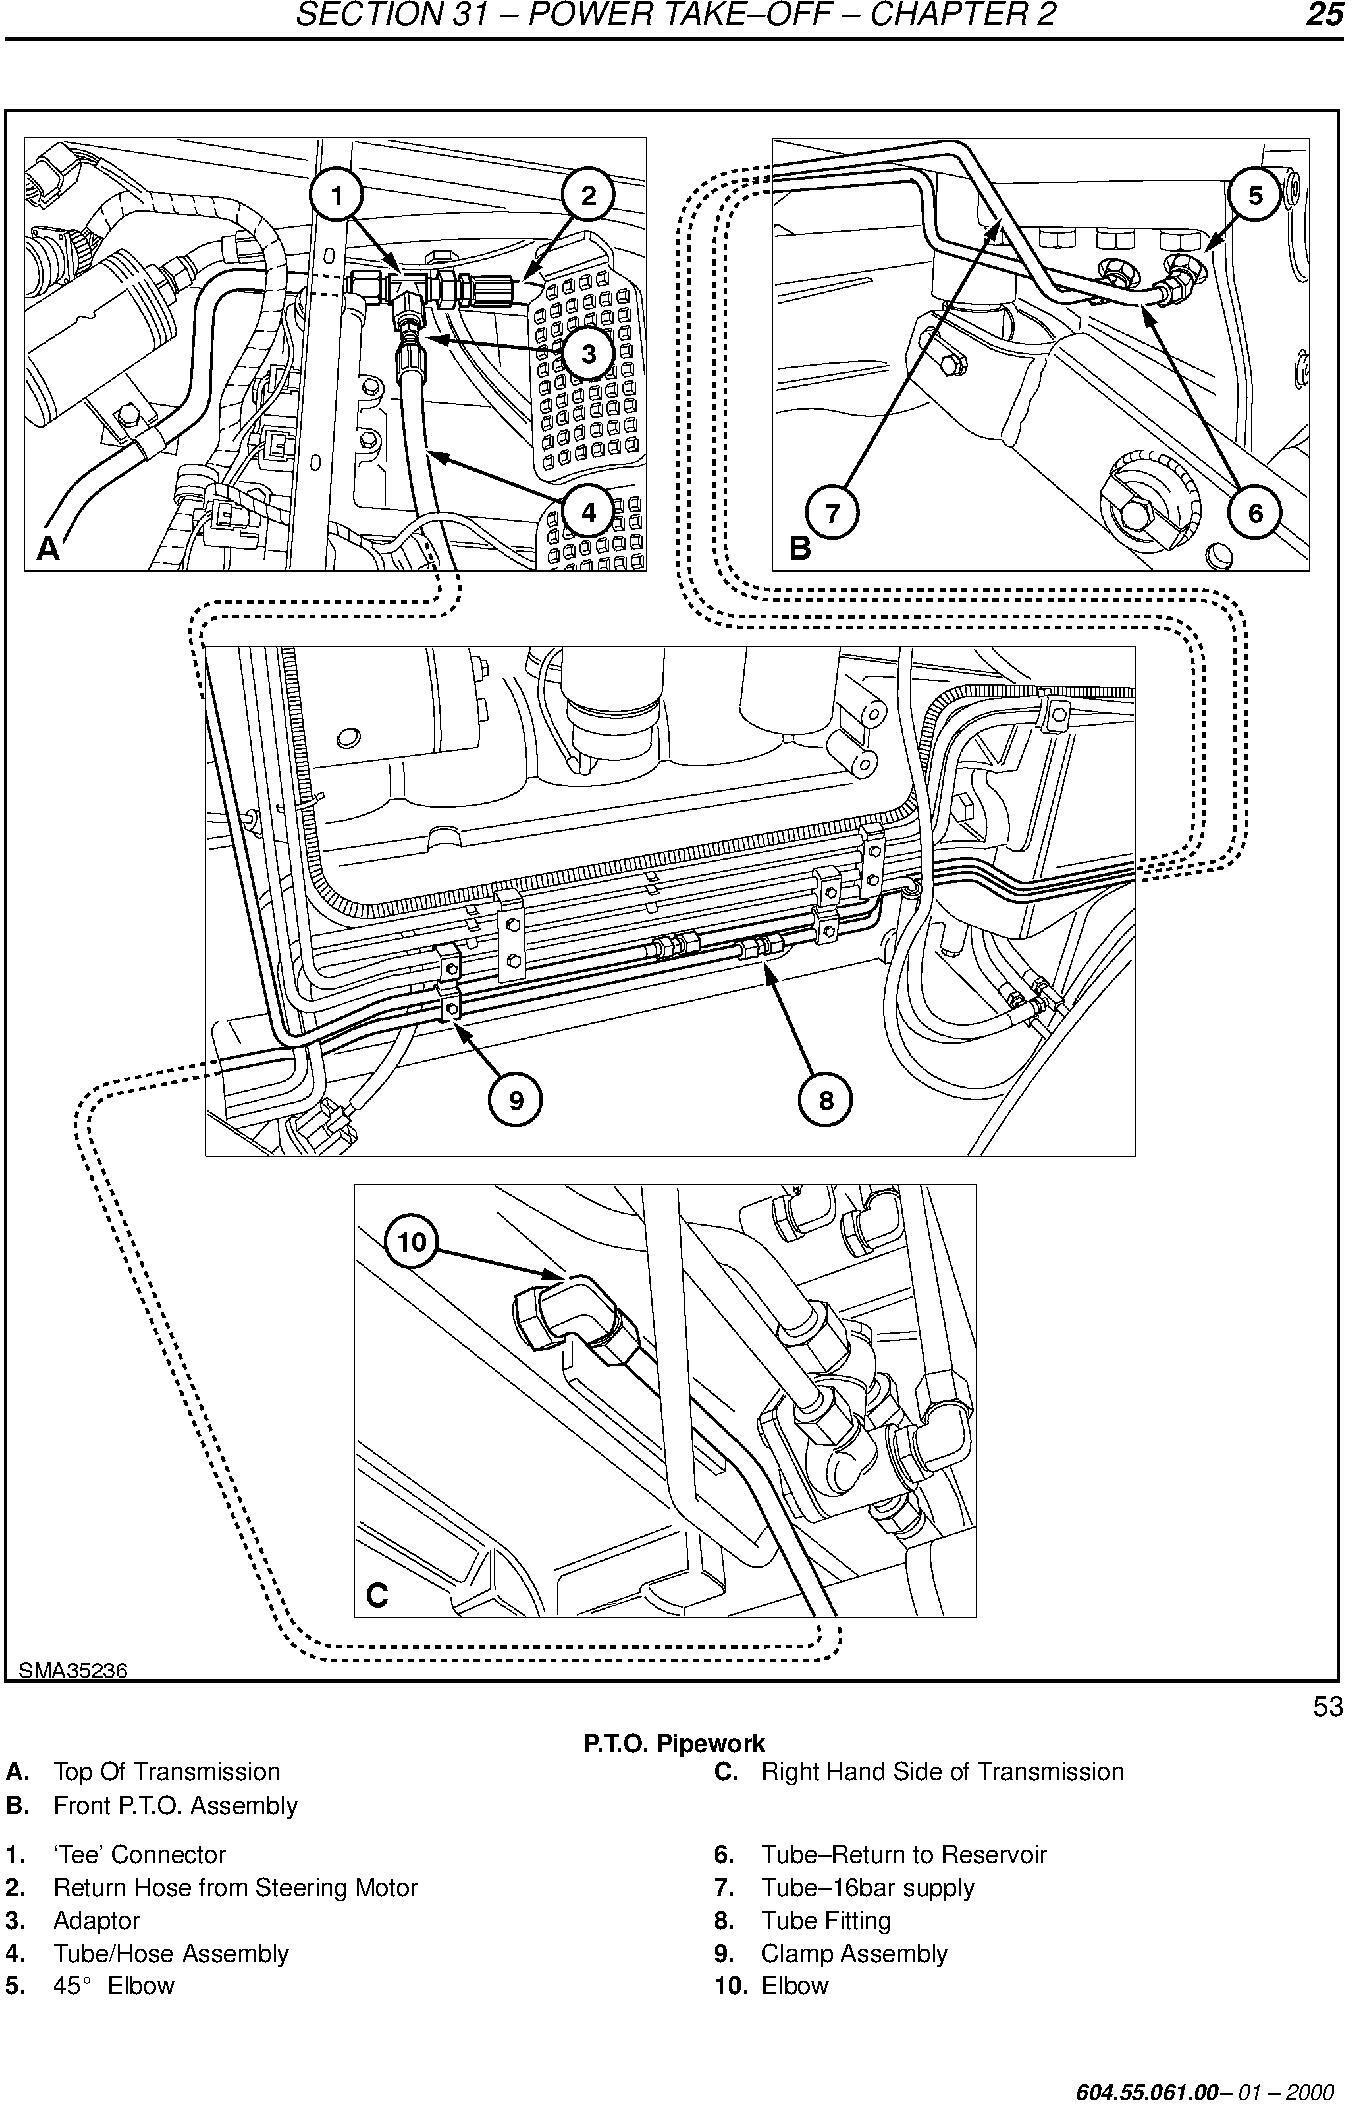 New Holland TM120, TM130, TM140, TM155, TM175, TM190 Service Manual - 3